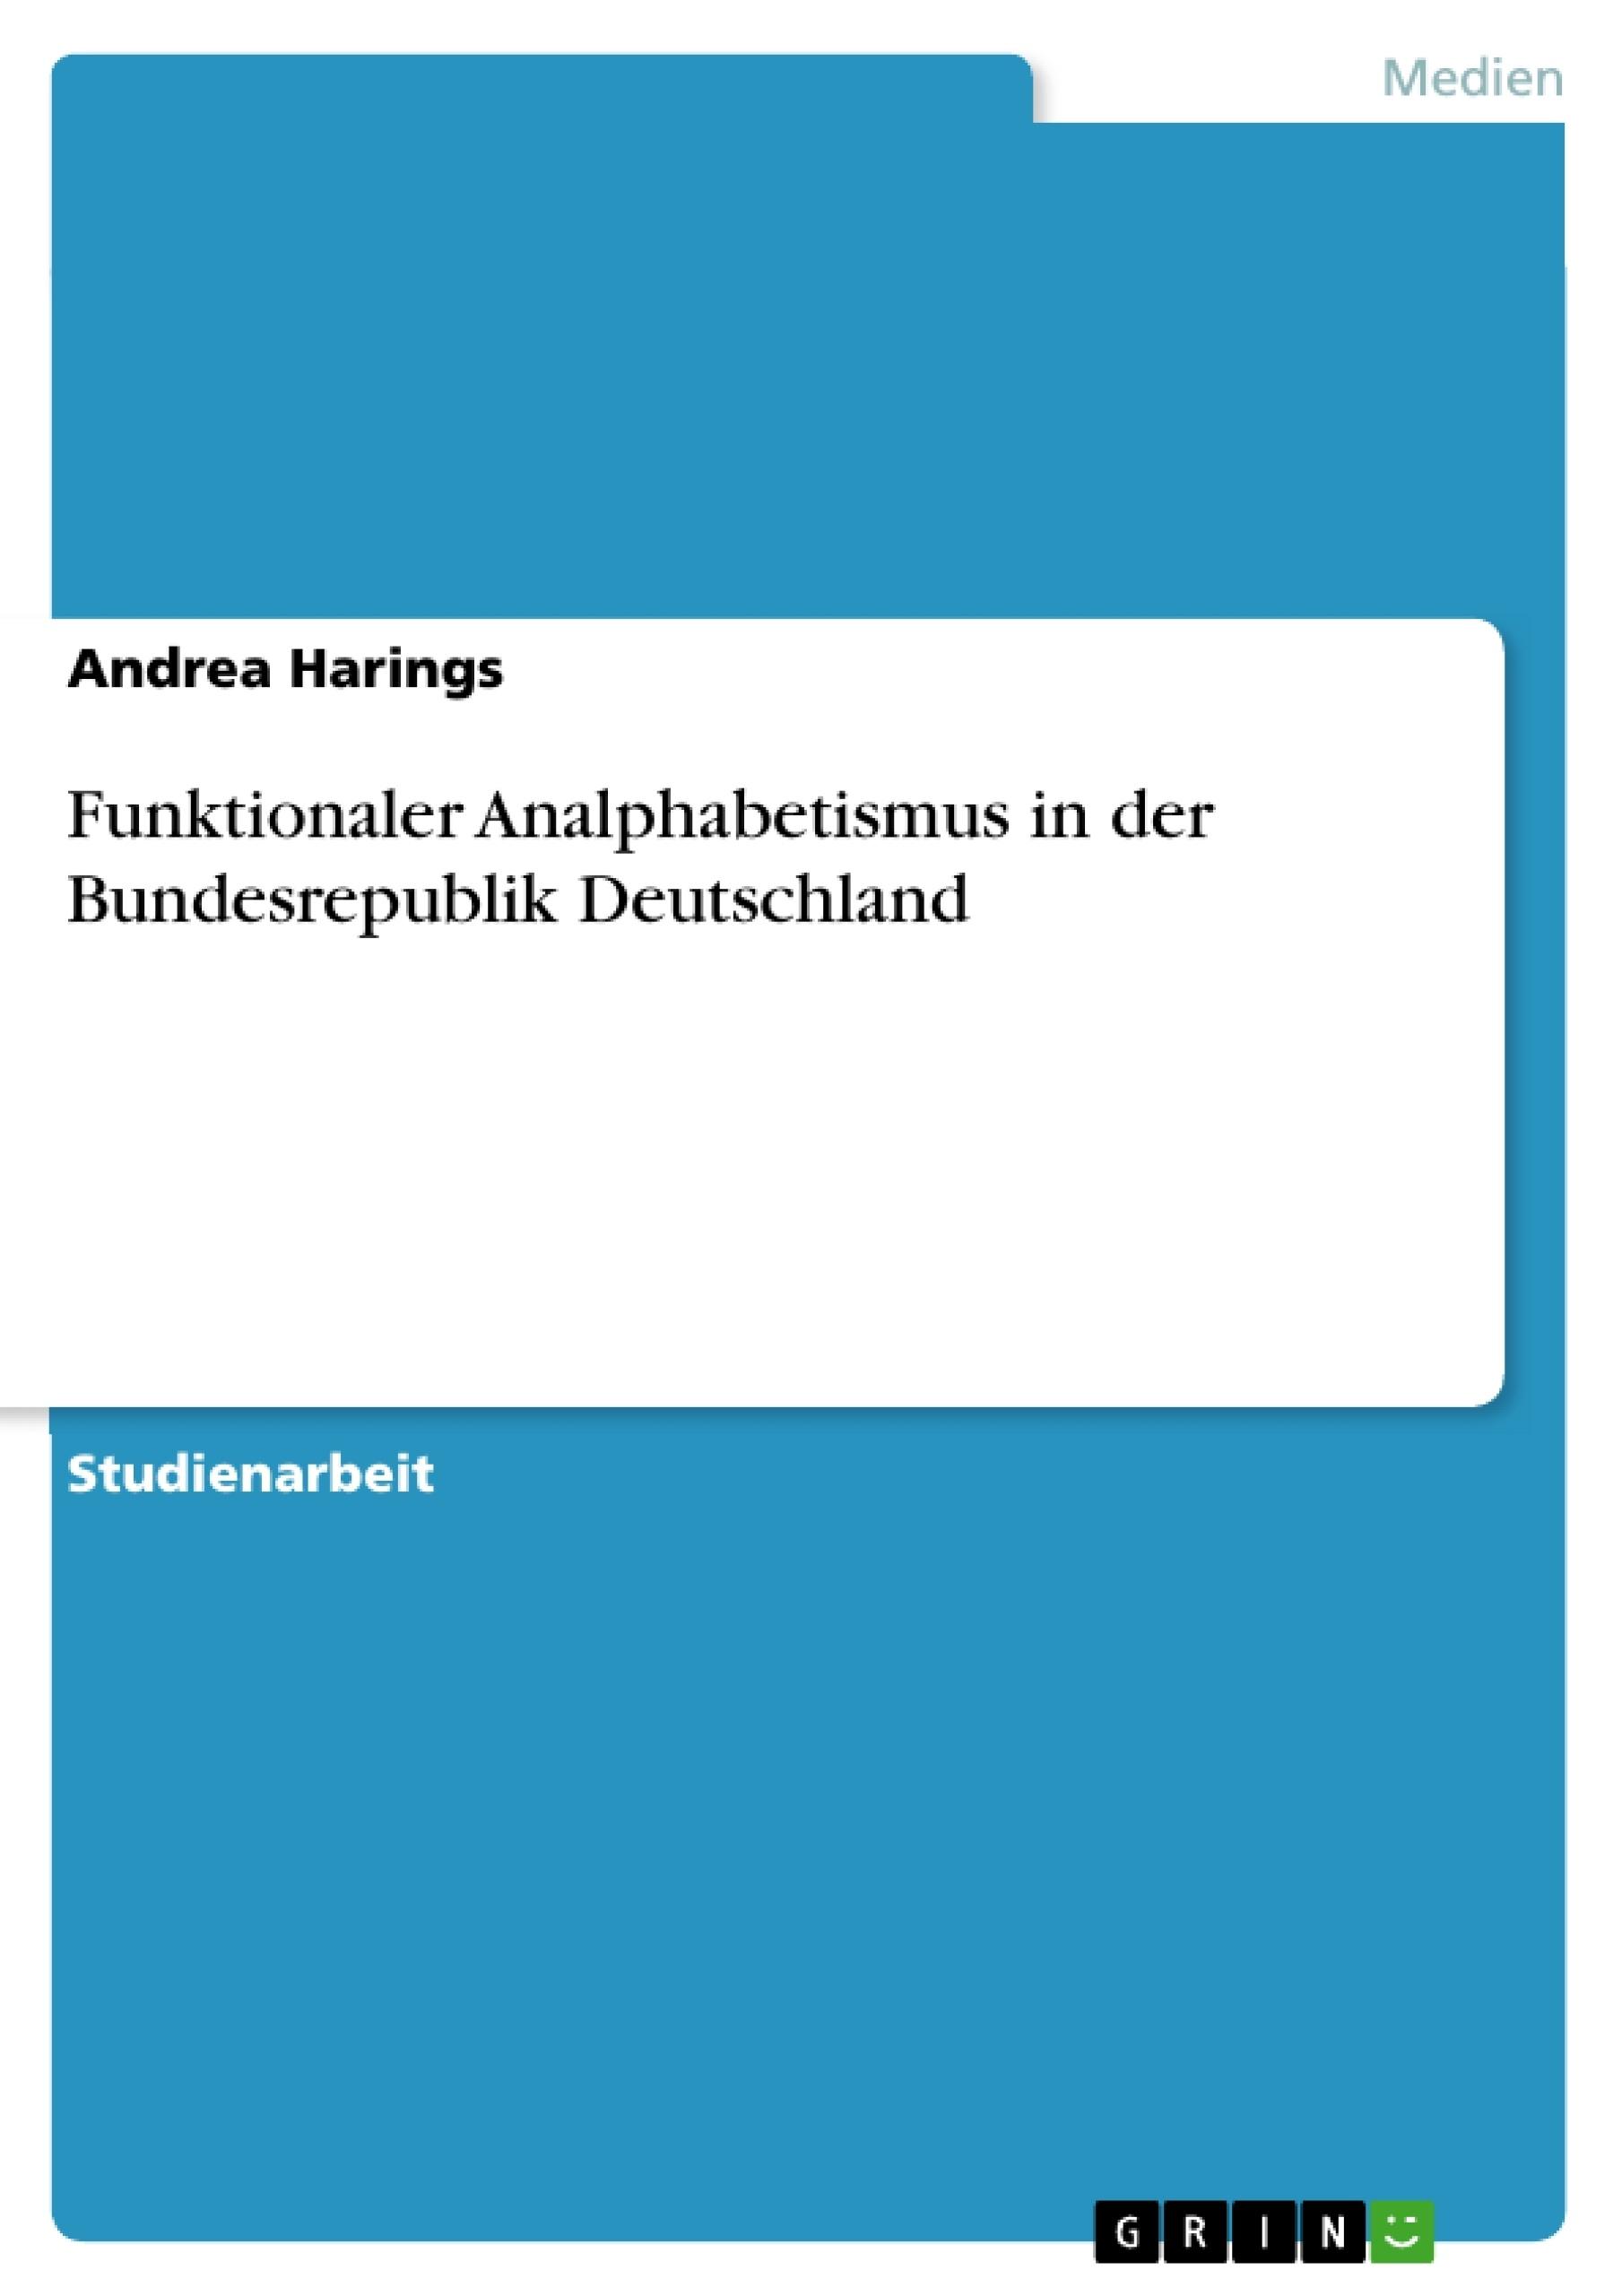 Titel: Funktionaler Analphabetismus in der Bundesrepublik Deutschland